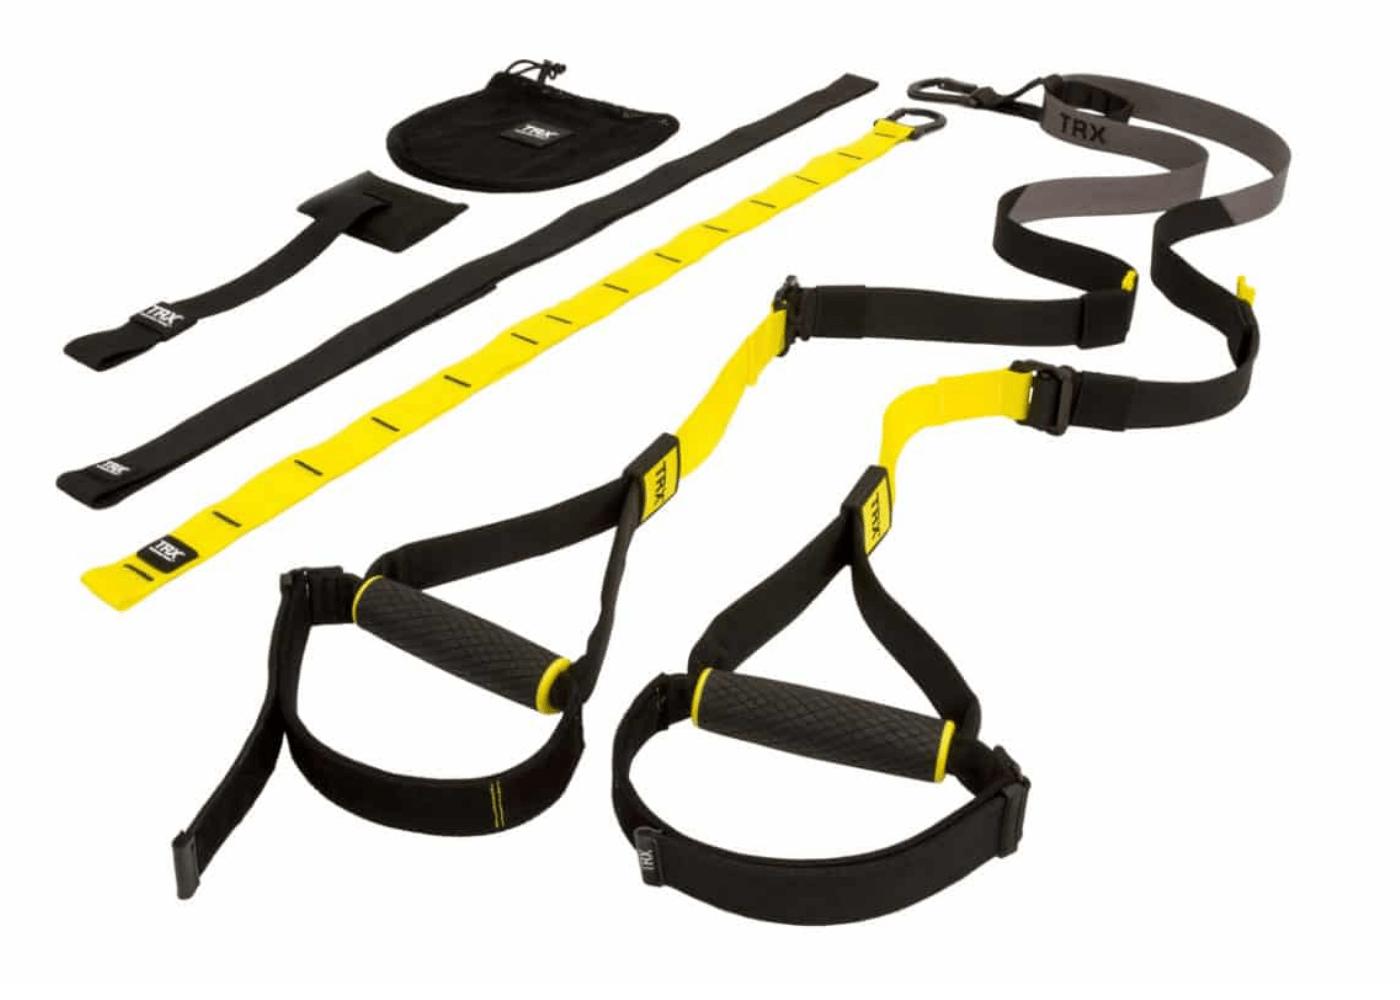 trx suspension trainers